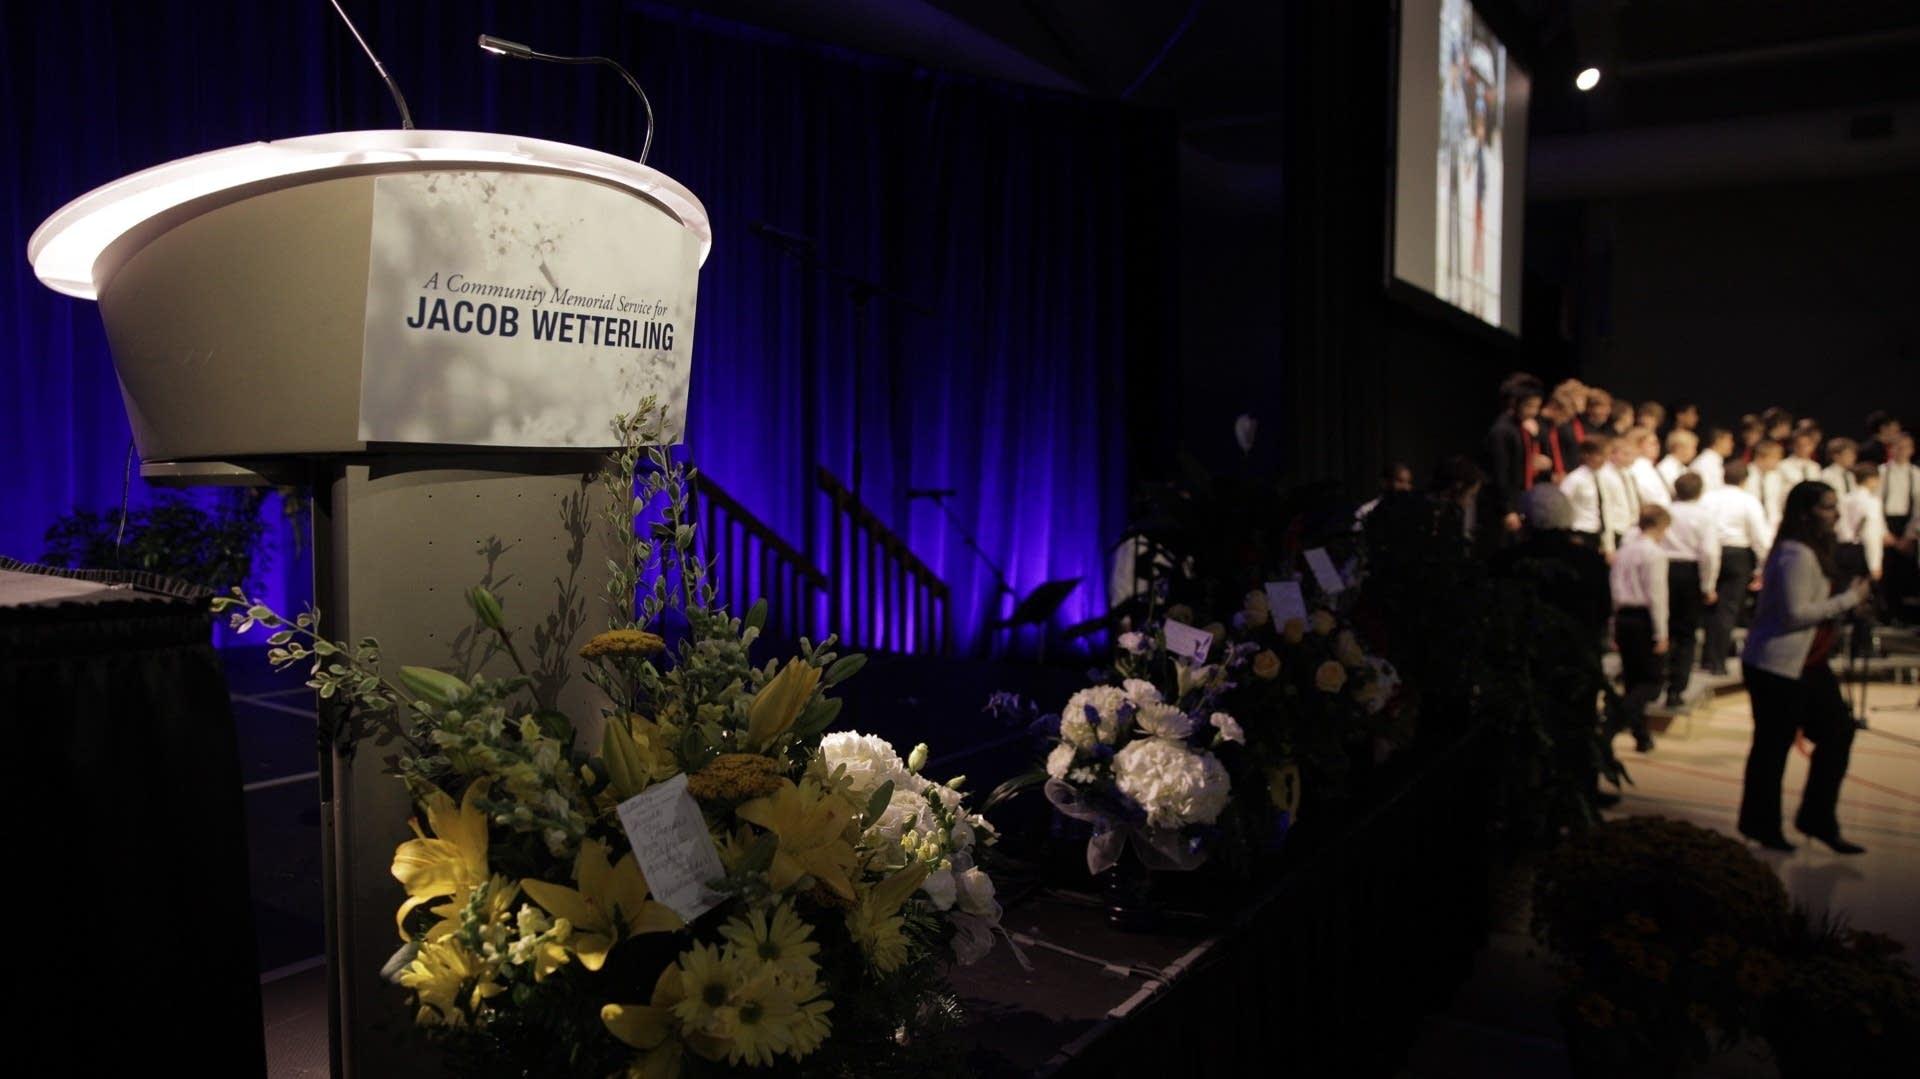 Memorial for Jacob Wetterling